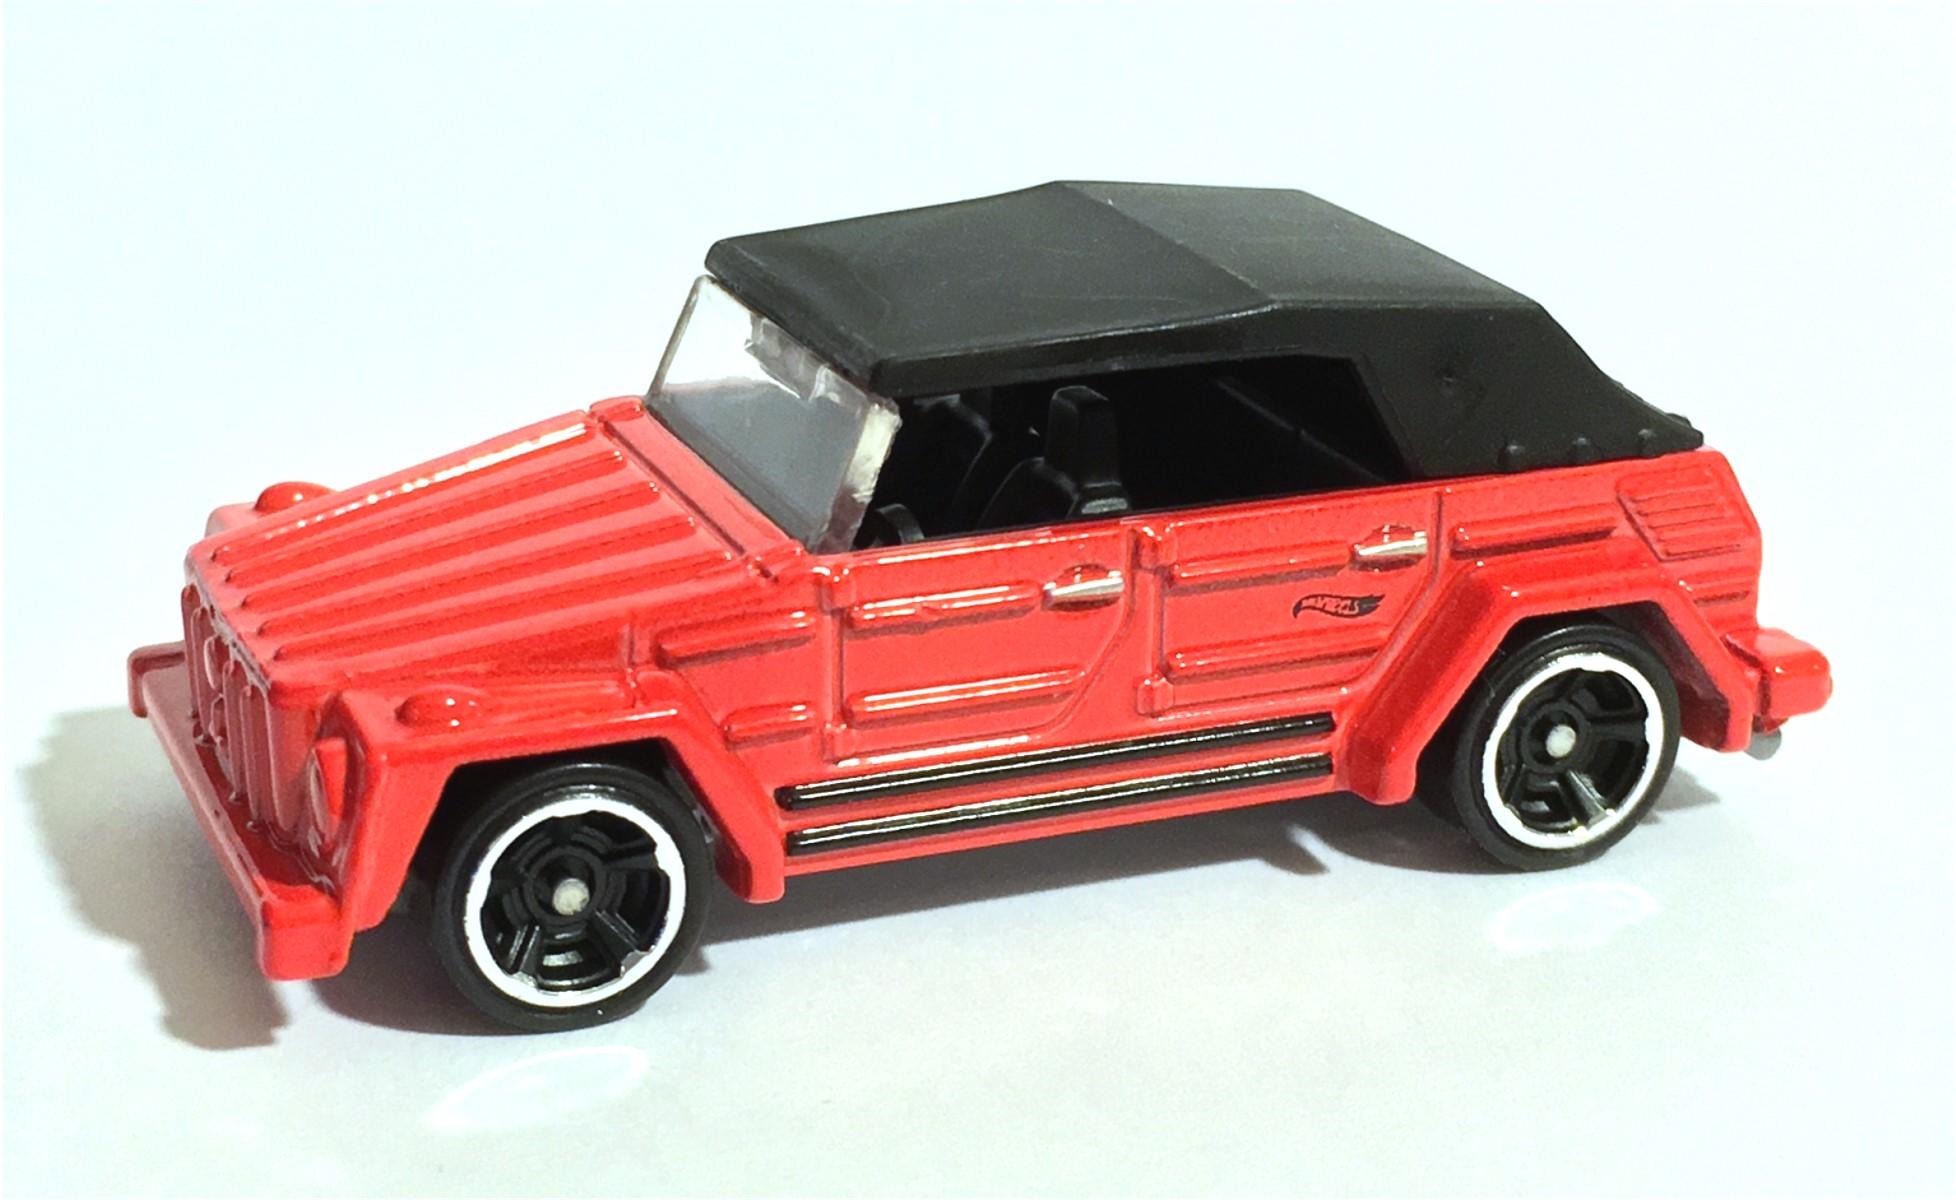 image hw volkswagen type 181 volkswagen 5 hot. Black Bedroom Furniture Sets. Home Design Ideas